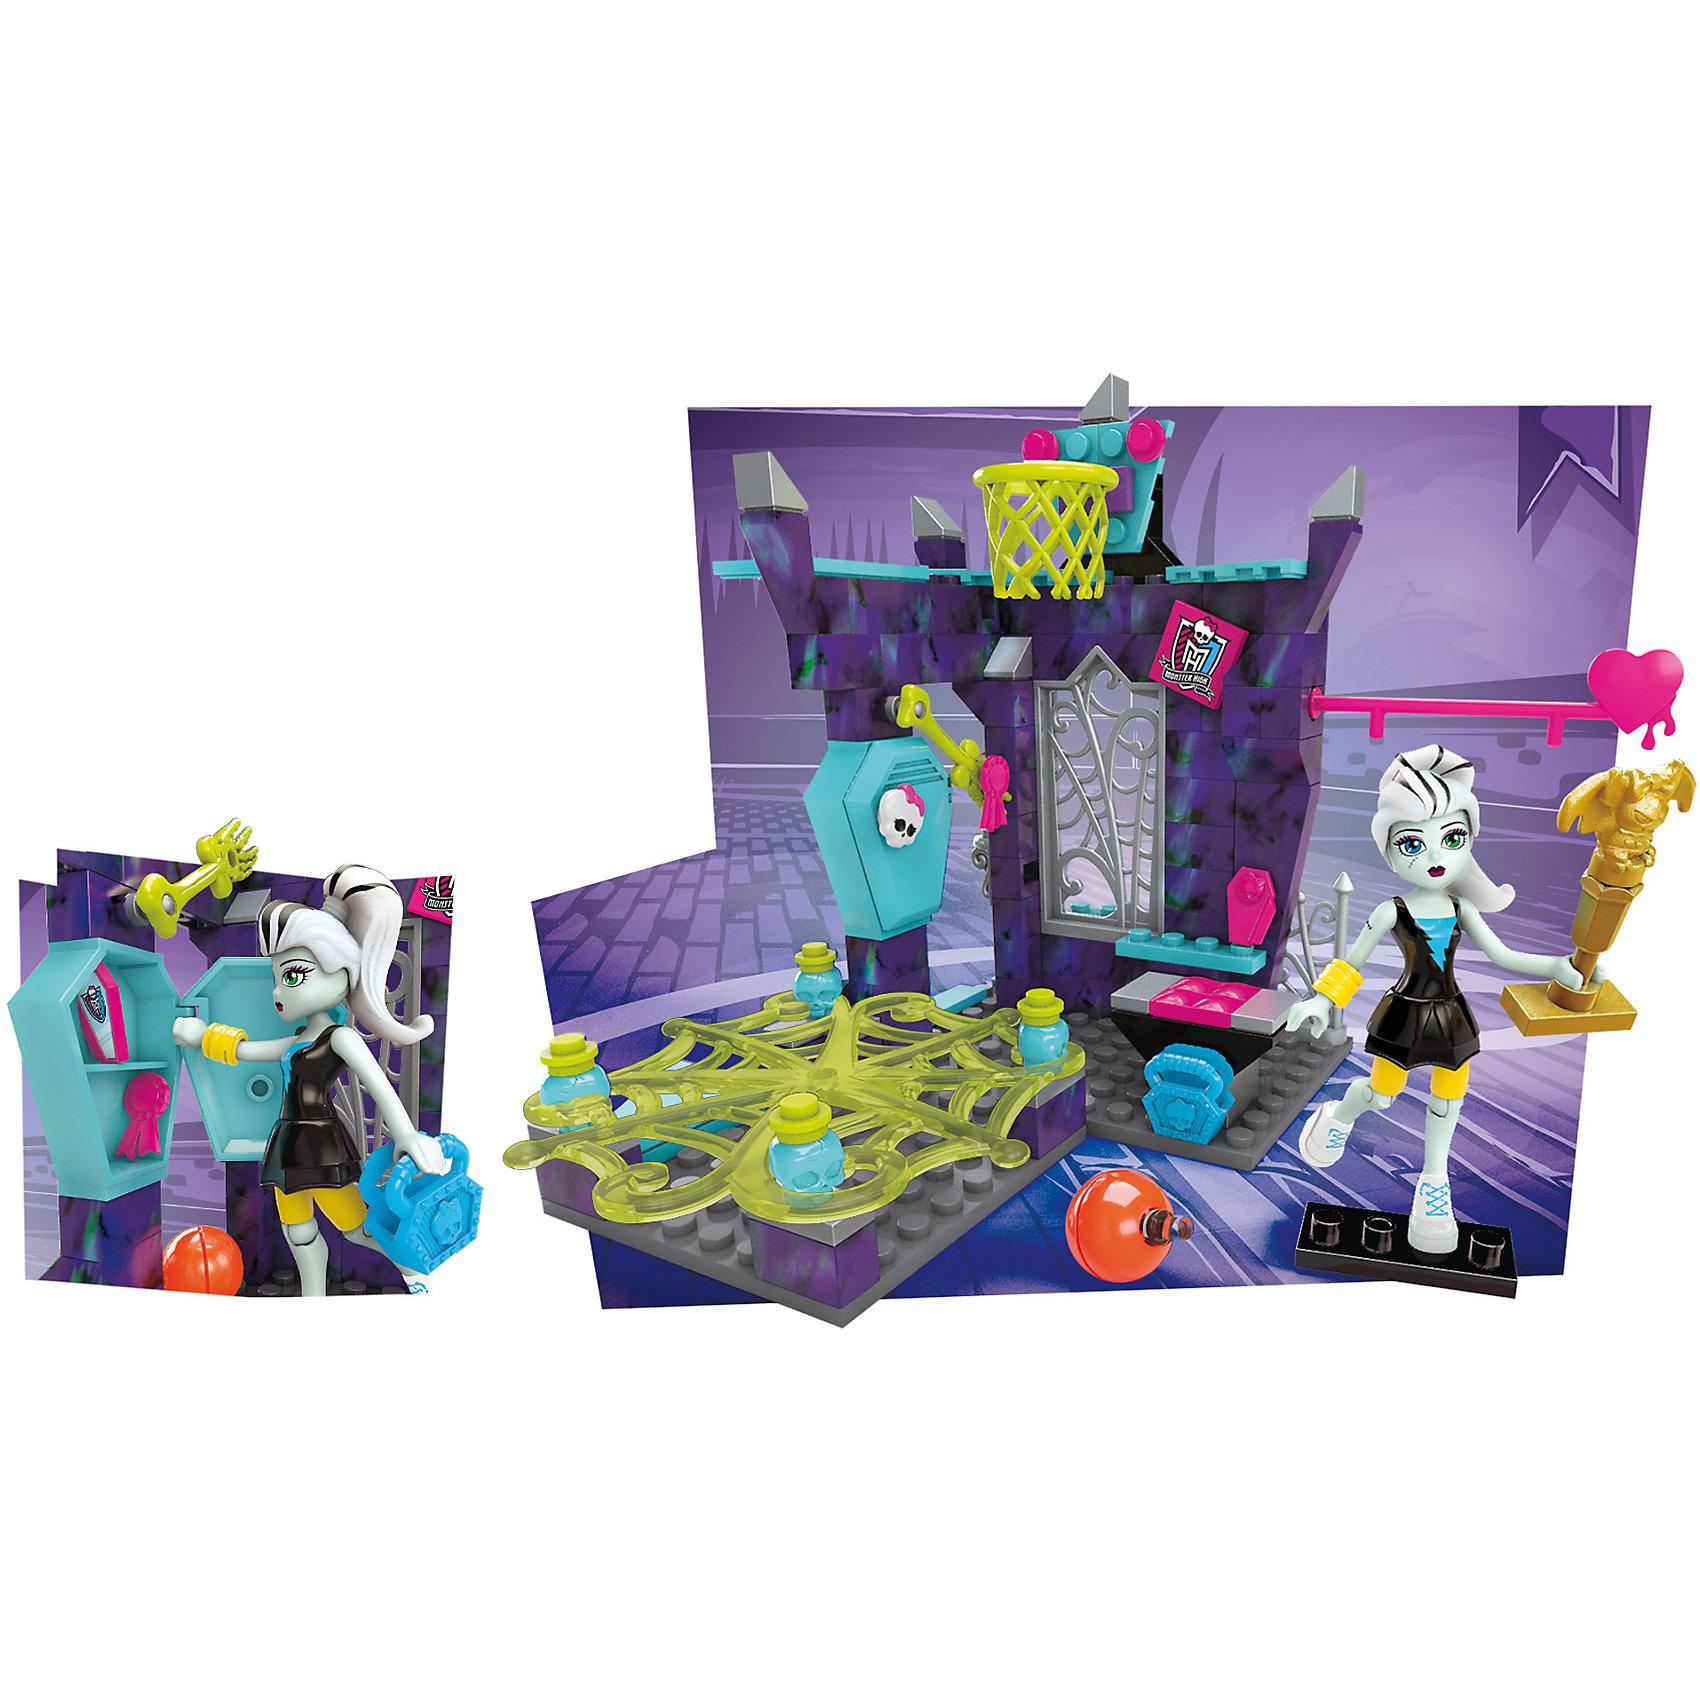 Monster High: Игровой набор Класс физкультуры, MEGA BLOKSПластмассовые конструкторы<br>Куклы Monster High - любимые героини многих современных девочек. Эти персонажи стильные и спортивные. Игры с их фигурками и аксессуарами помогают детям развивать воображение, мелкую моторику, логику и творческое мышление.<br>Этот набор состоит из фигурки Фрэнки Штейн и конструктора - спортивного зала, а также аксессуаров. С ними можно придумать множество вариантов  игр!<br><br>Дополнительная информация:<br><br>цвет: разноцветный;<br>материал: пластик;<br>возраст: от шести лет.<br><br>Monster High: Игровой набор Класс физкультуры, от MEGA BLOKS можно купить в нашем магазине.<br><br>Ширина мм: 228<br>Глубина мм: 159<br>Высота мм: 48<br>Вес г: 249<br>Возраст от месяцев: 72<br>Возраст до месяцев: 144<br>Пол: Унисекс<br>Возраст: Детский<br>SKU: 4899978